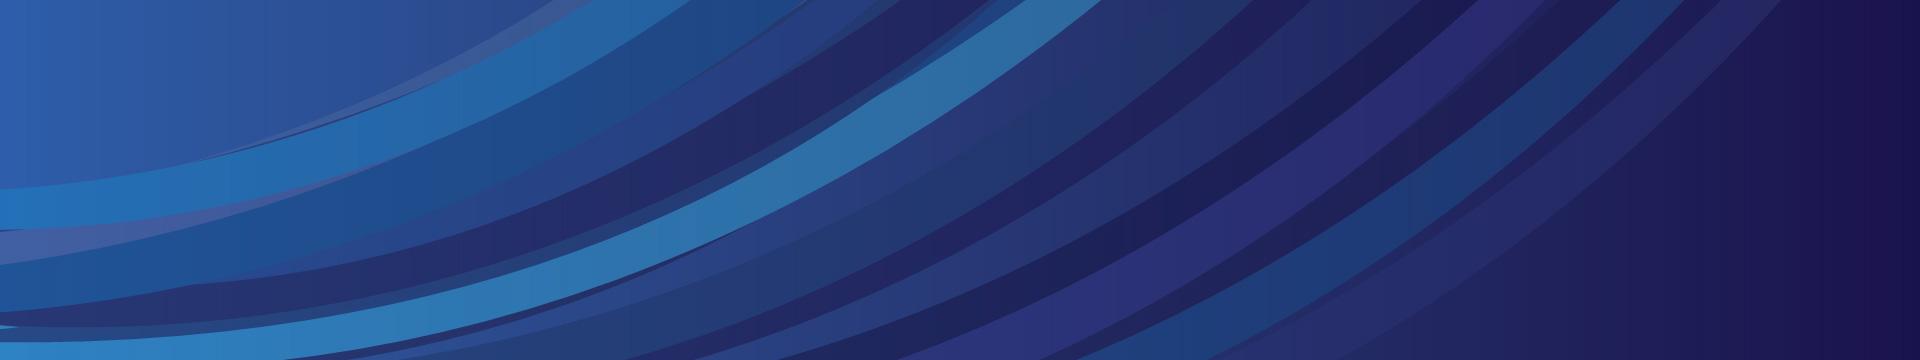 slide2-background